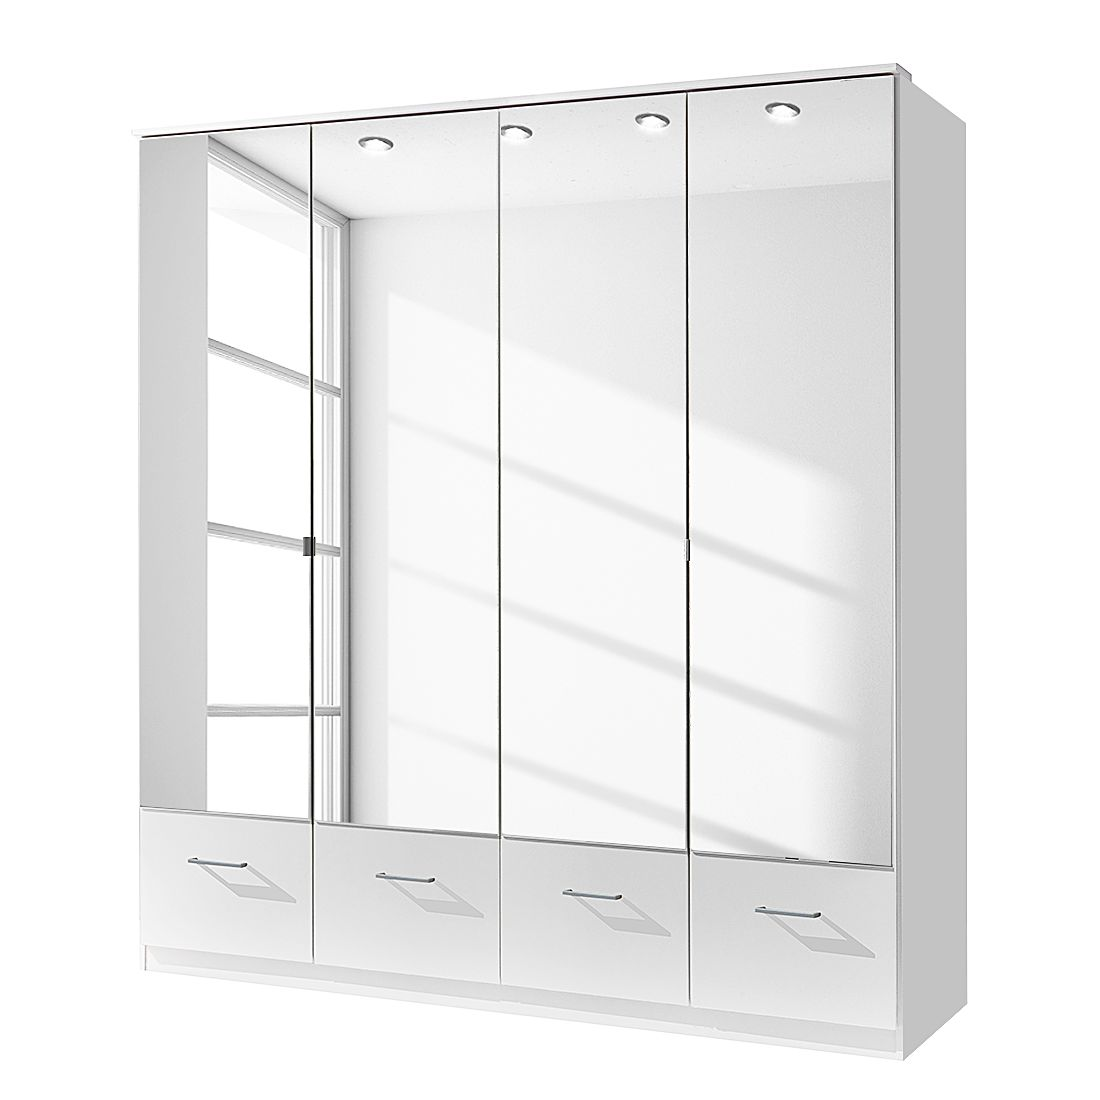 goedkoop Draaideurkast Vanity met spiegel alpinewit kastbreedte 135cm 3 deurs Wimex